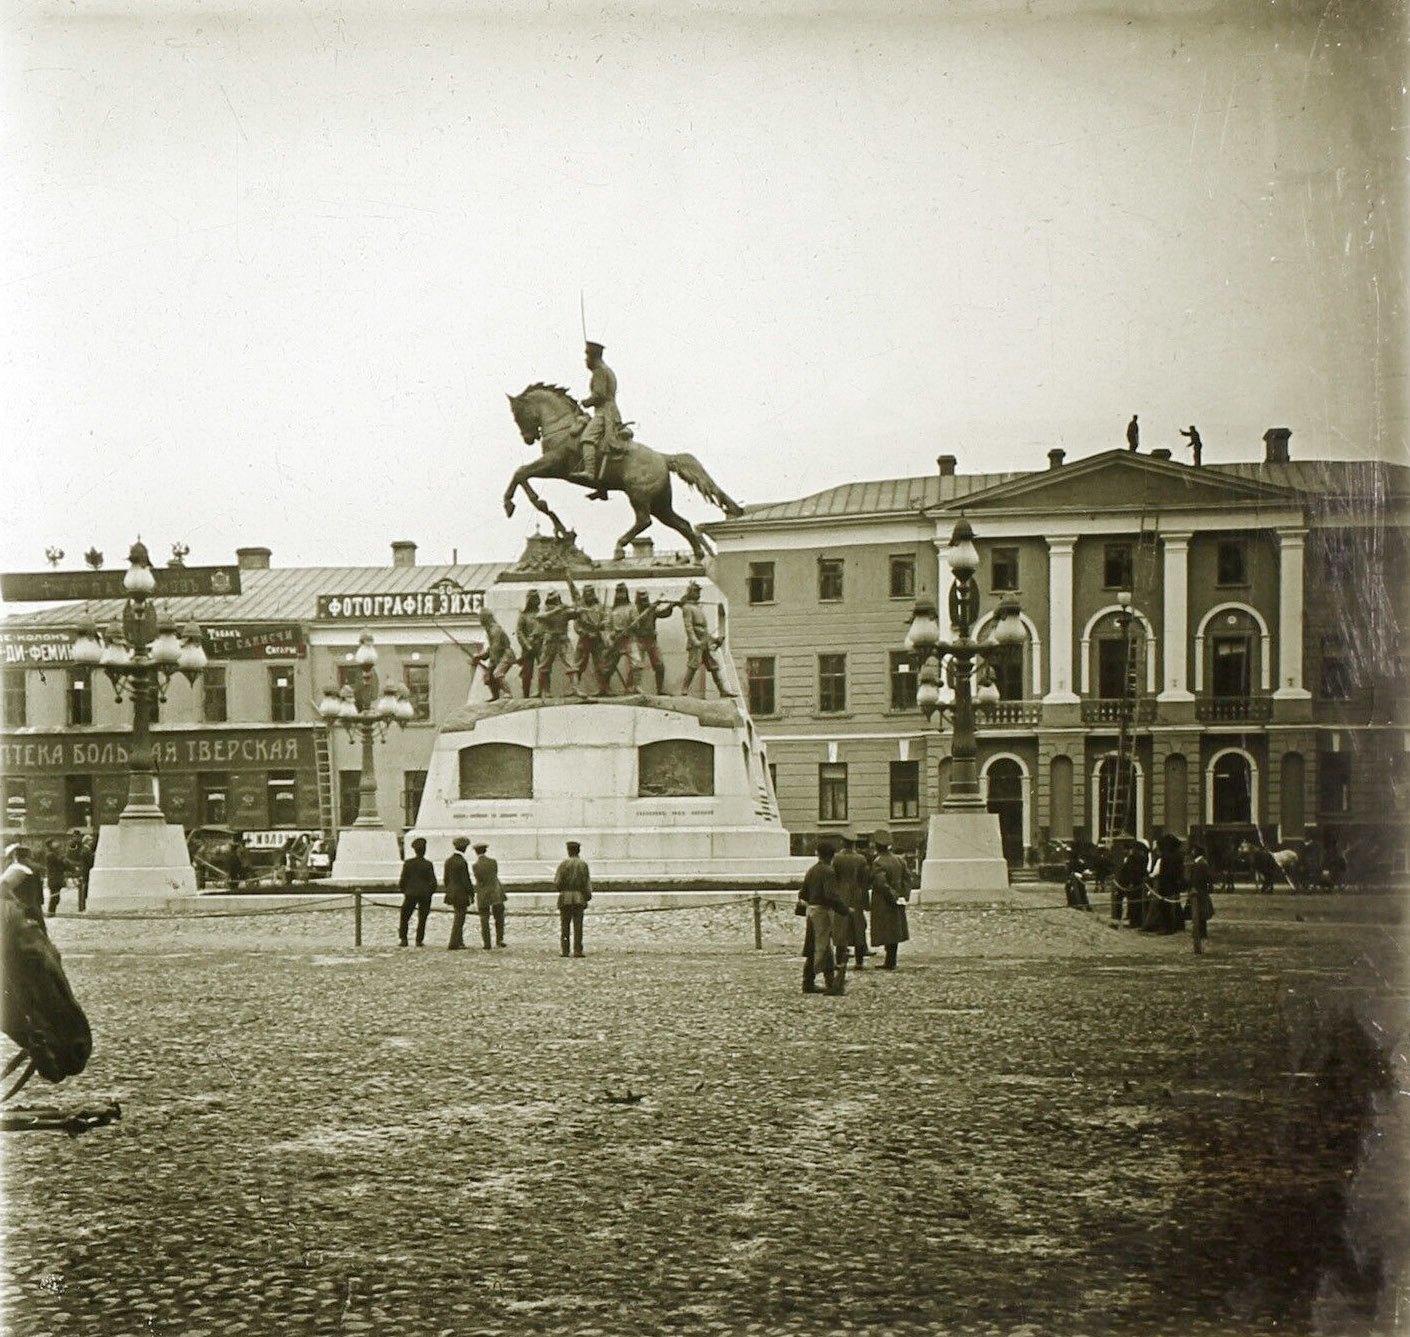 Тверская площадь. 1913.